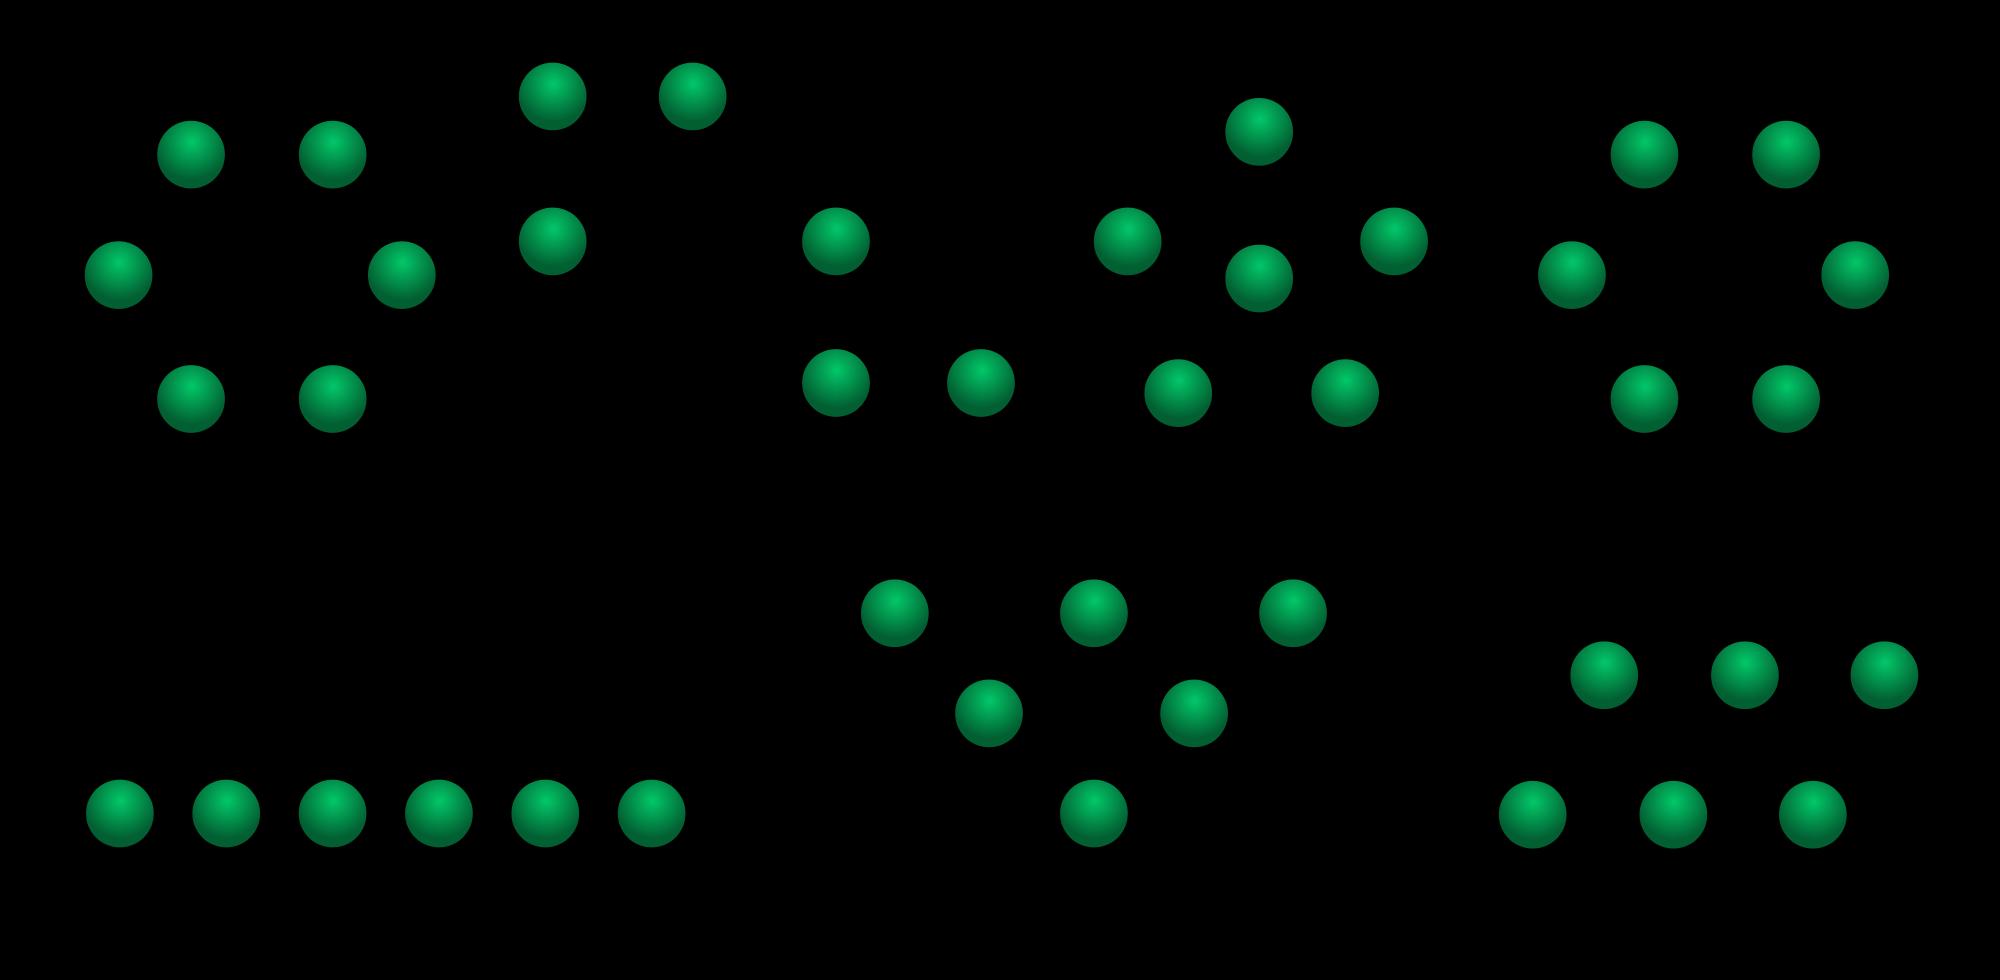 مدلهای توپولوژی